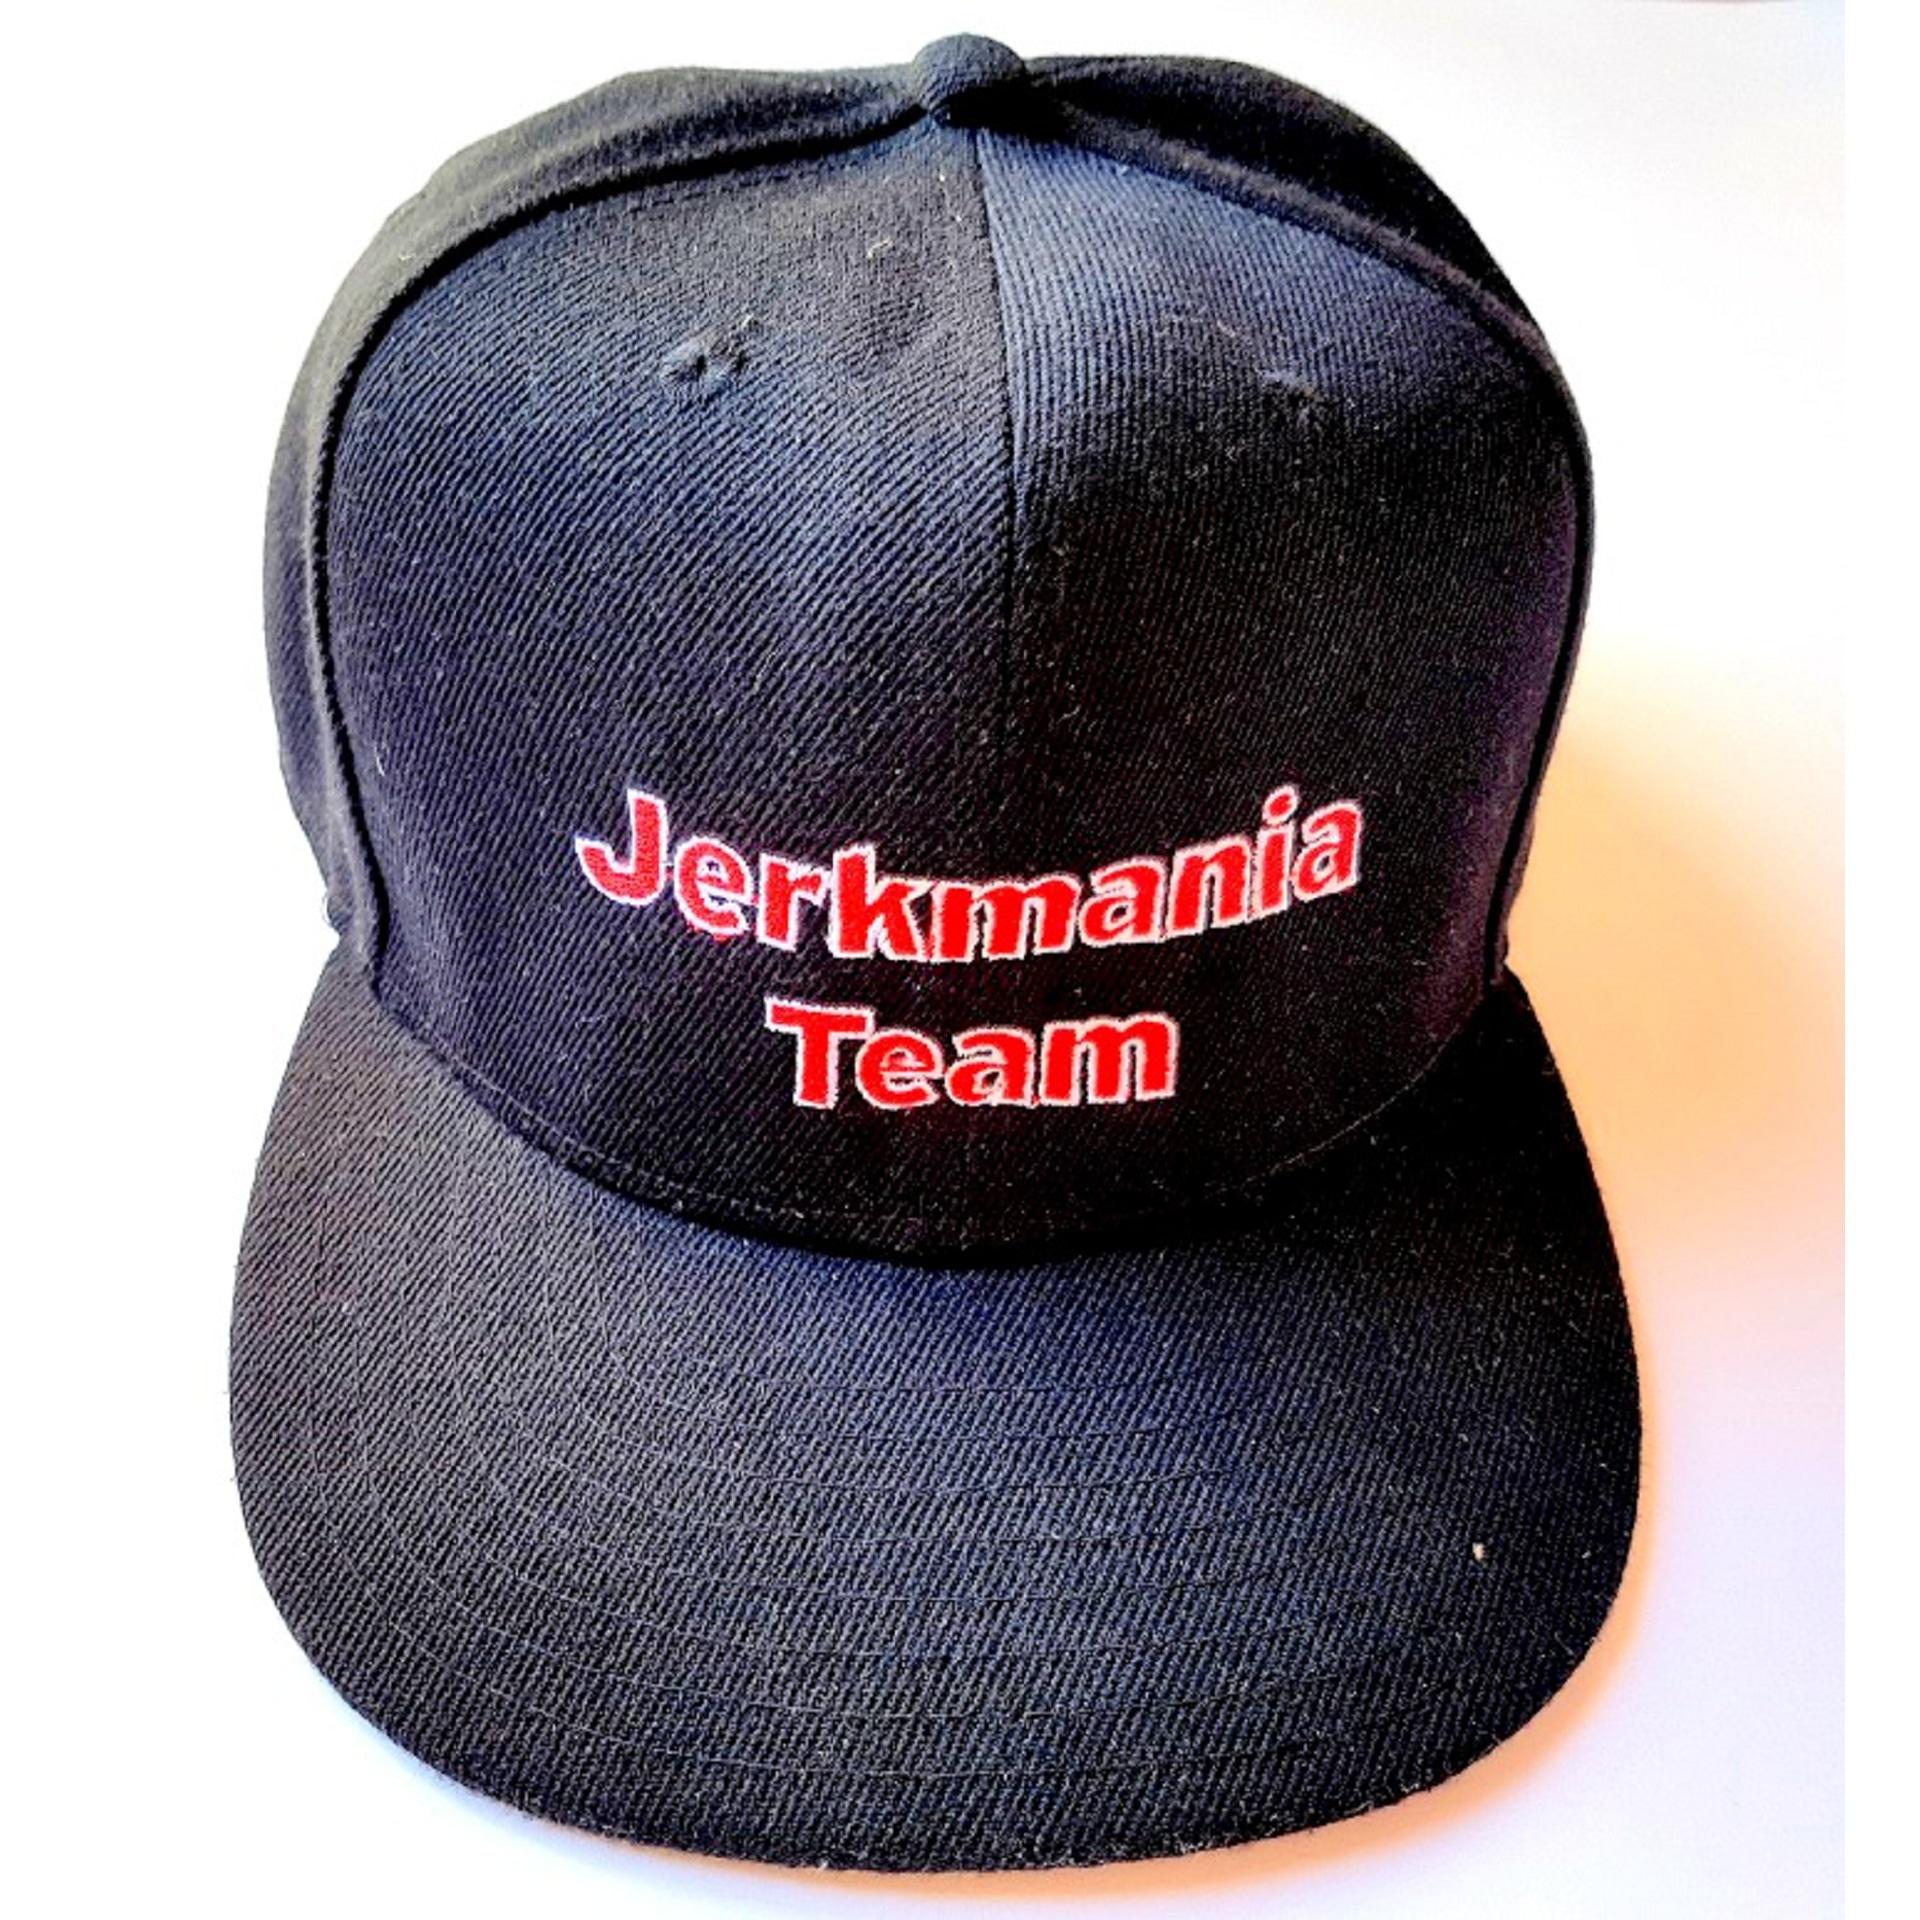 Кепка Jerkmania Team